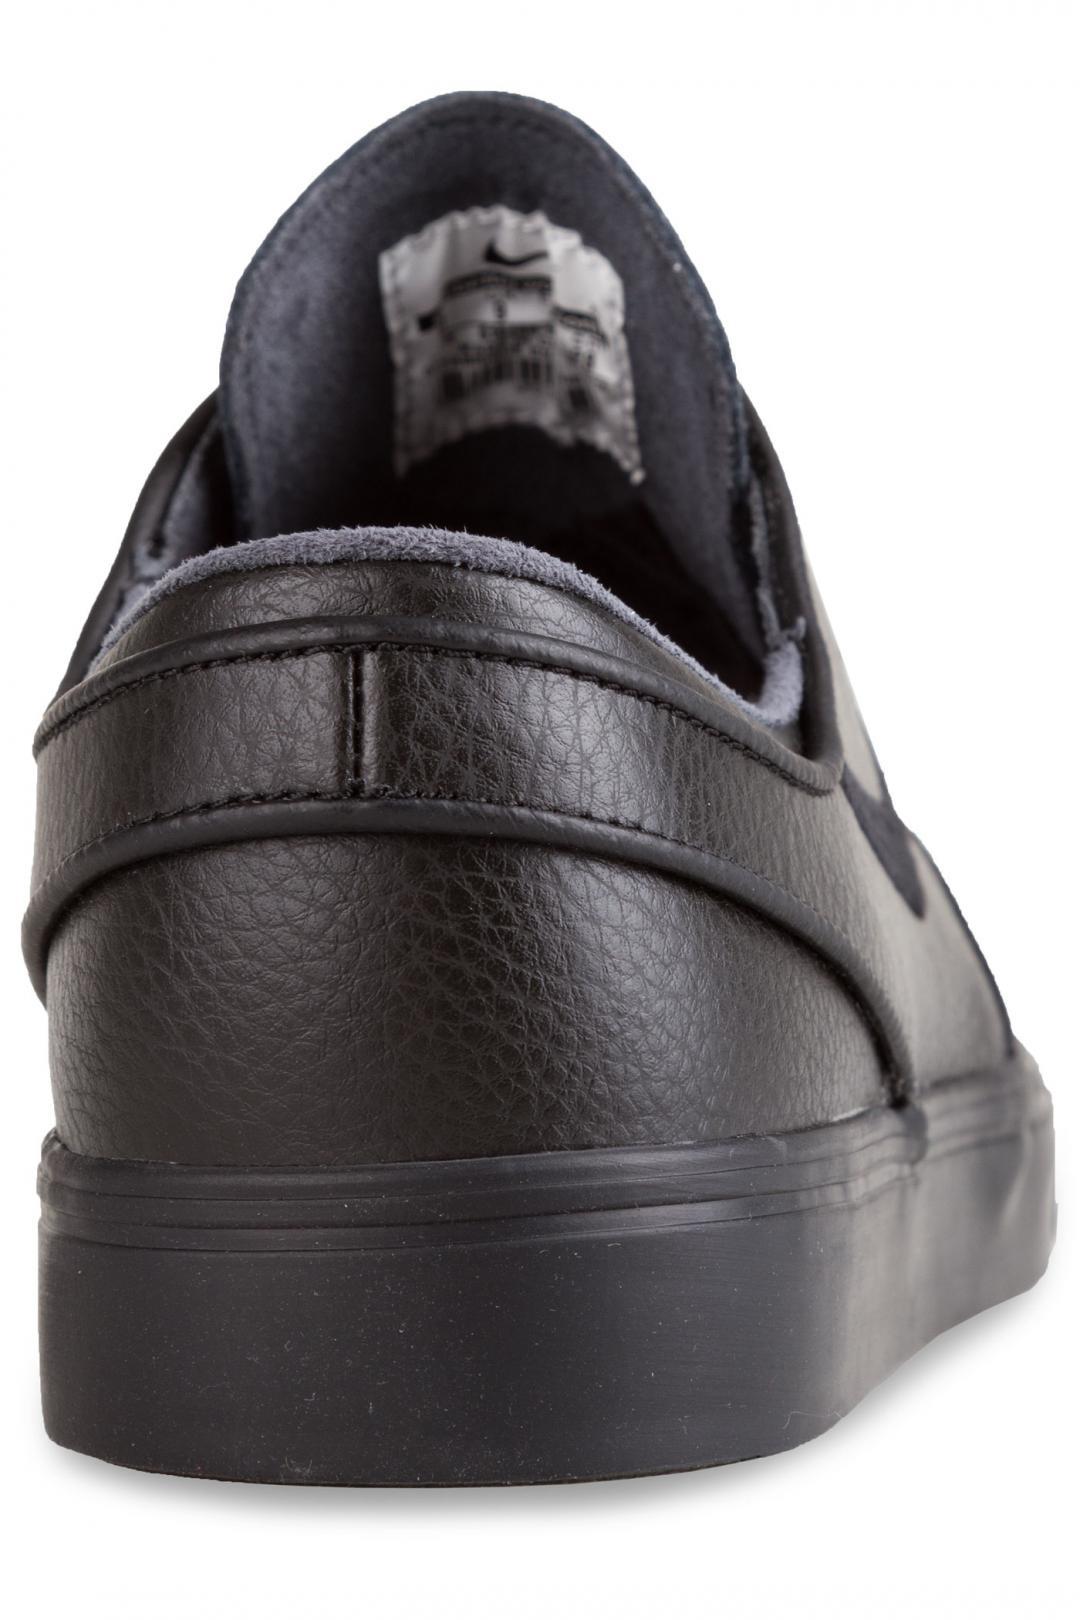 Uomo/Donna Nike SB Zoom Stefan Janoski Leather black black black   Sneaker